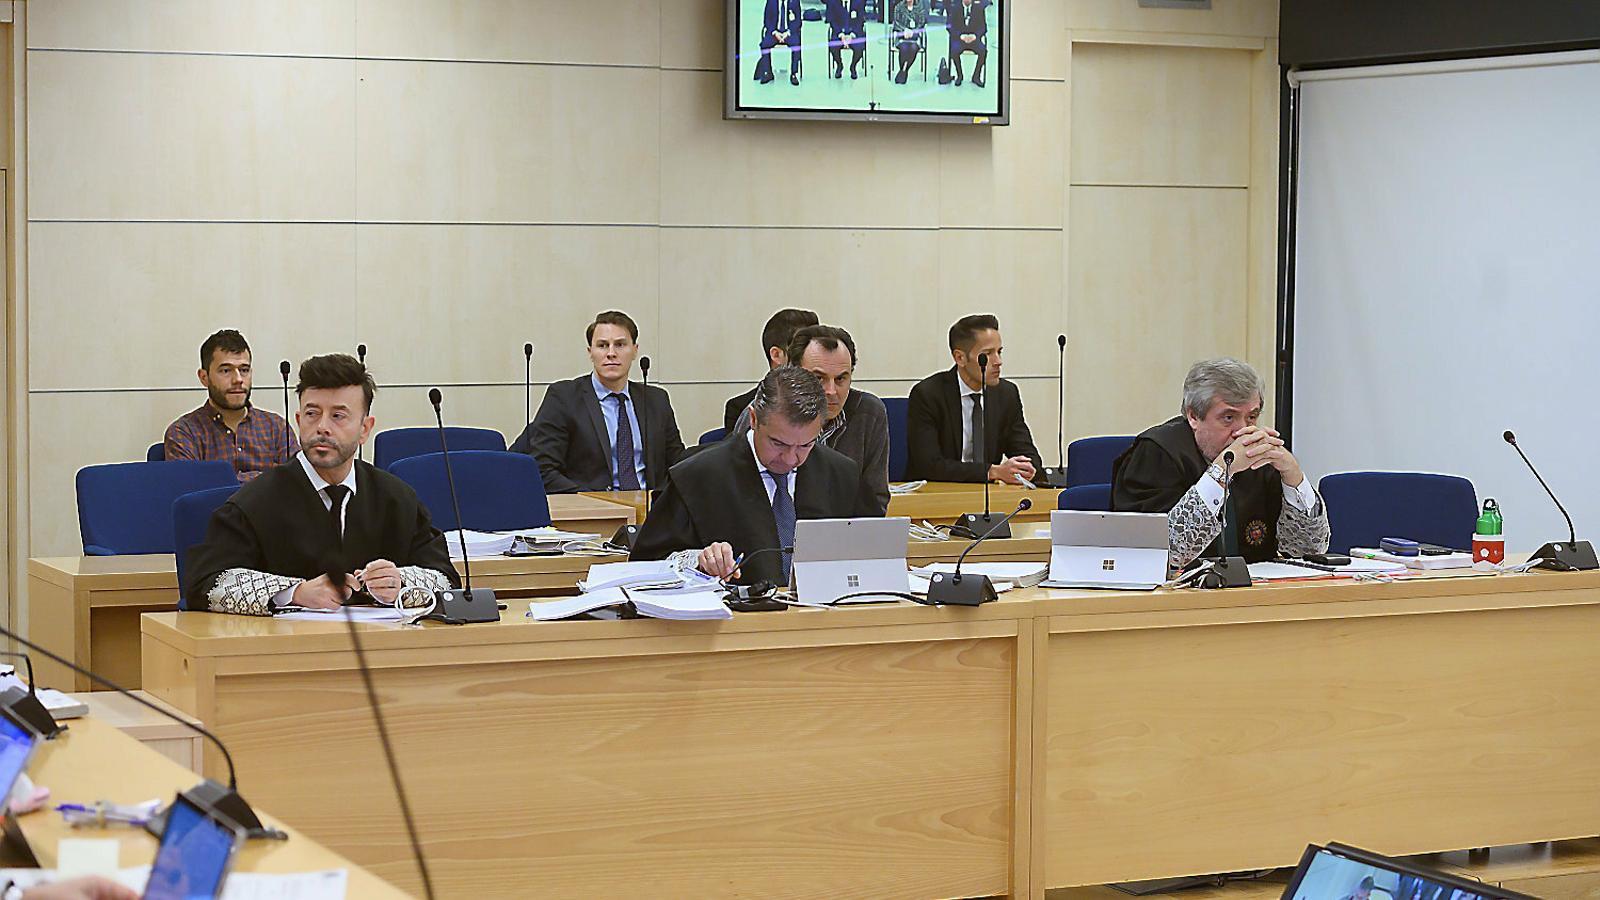 Els fiscals de l'Audiència Nacional durant el judici que va començar ahir a San Fernando de Henares.